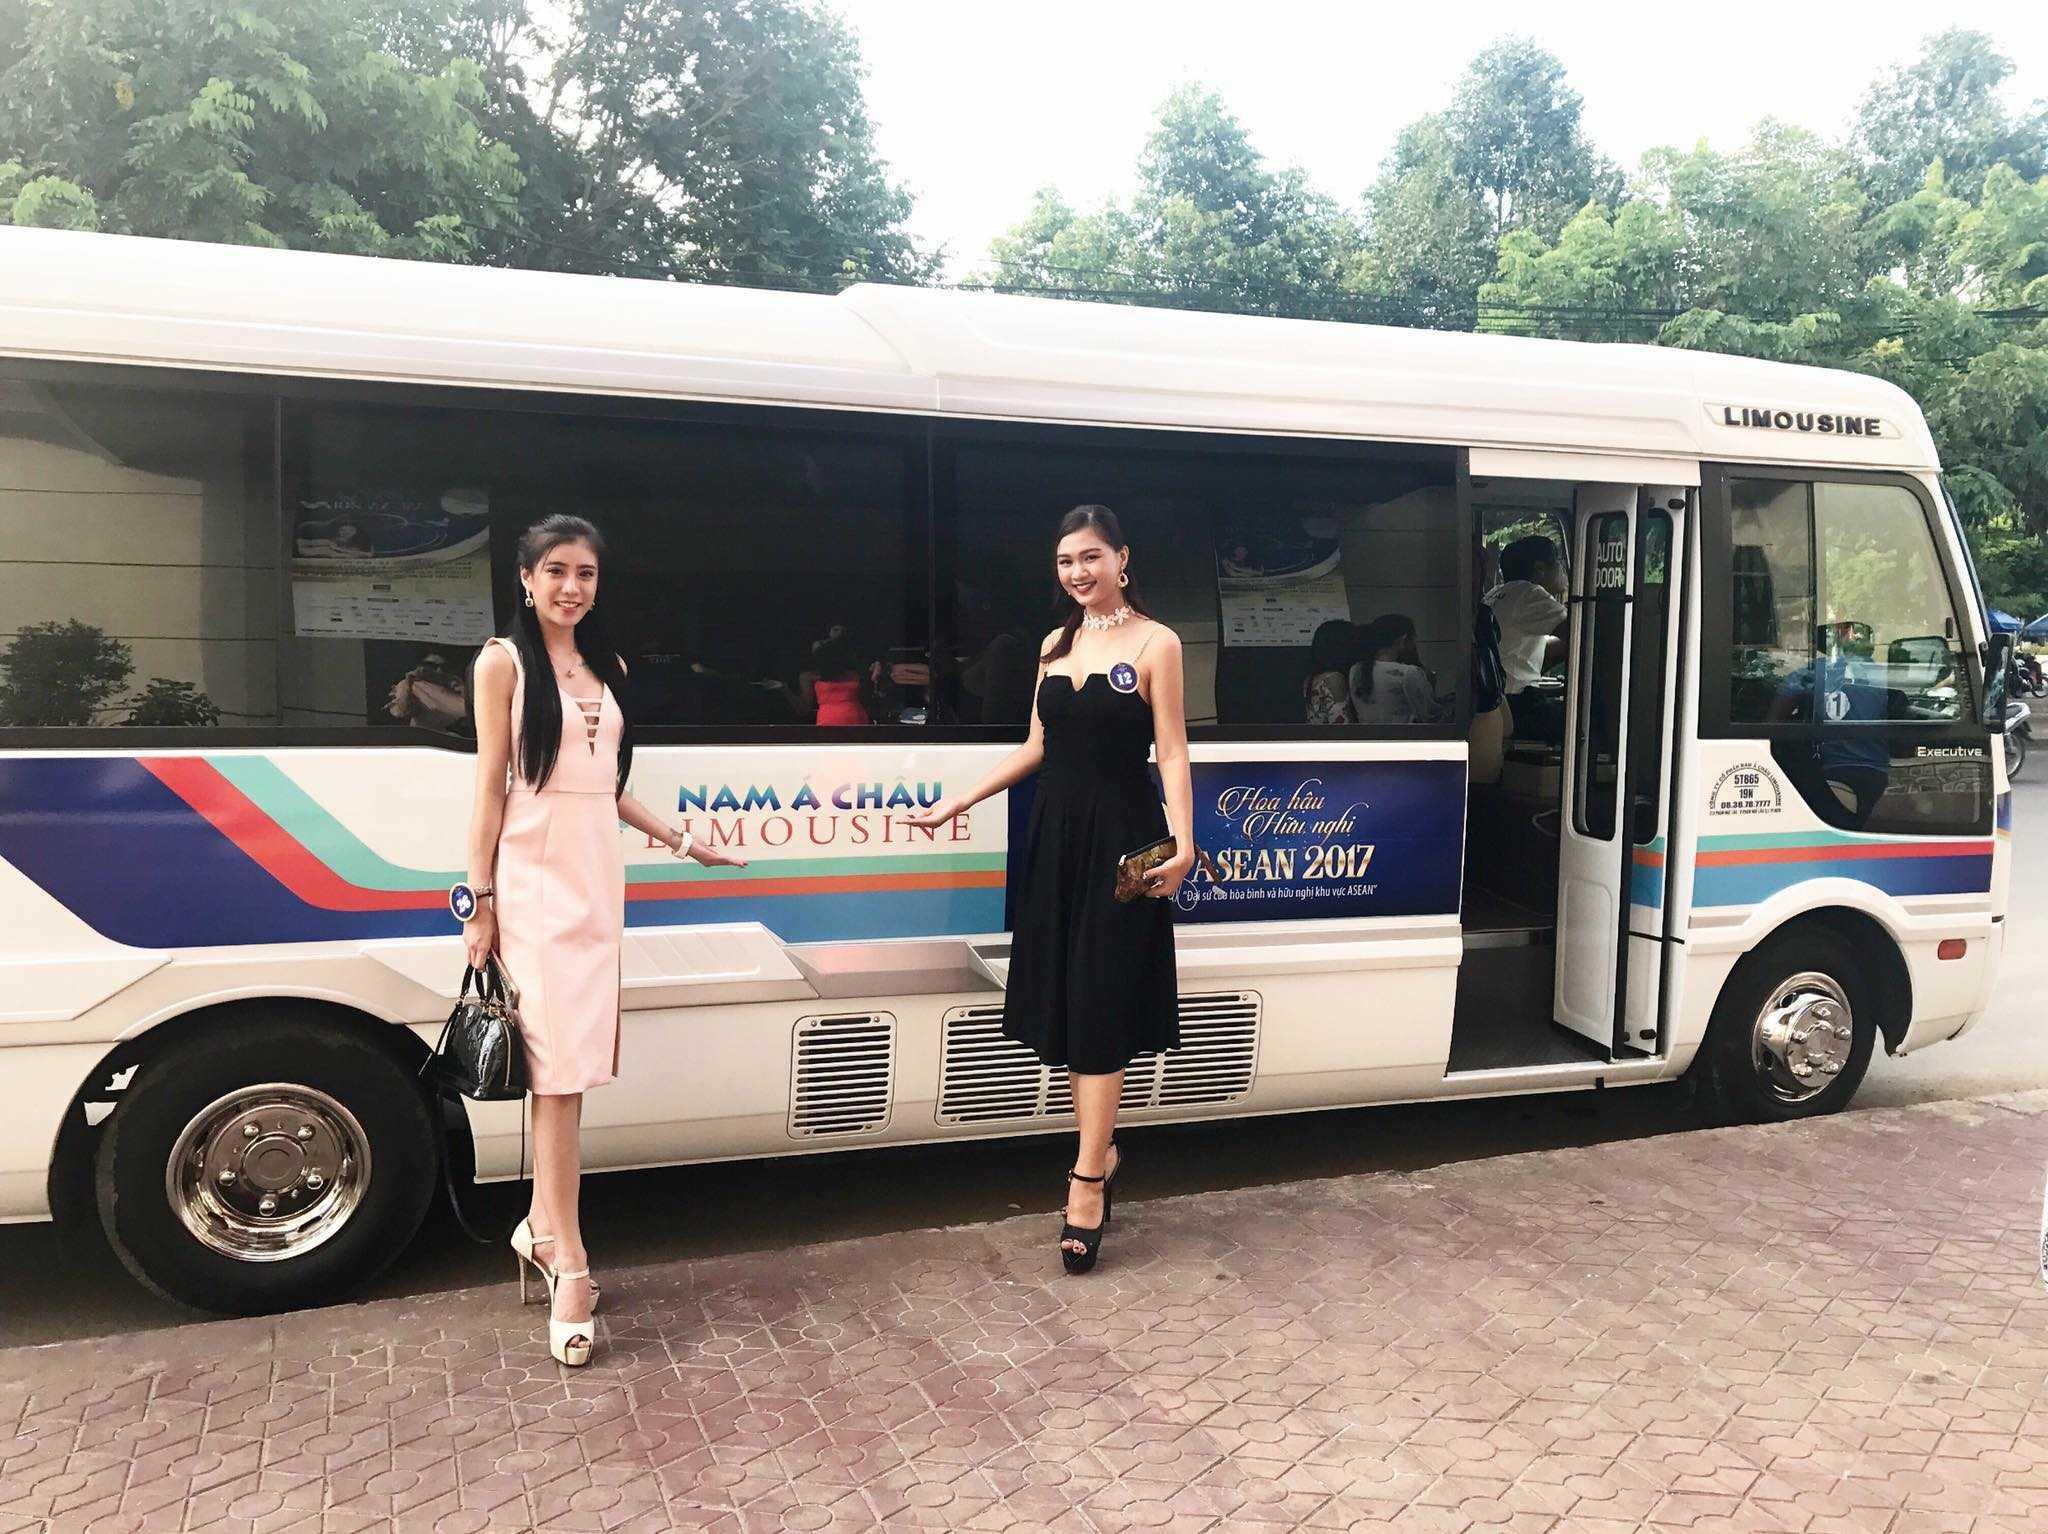 Nhà xe Nam Á Châu Limousine Sài Gòn đi Cần Thơ.